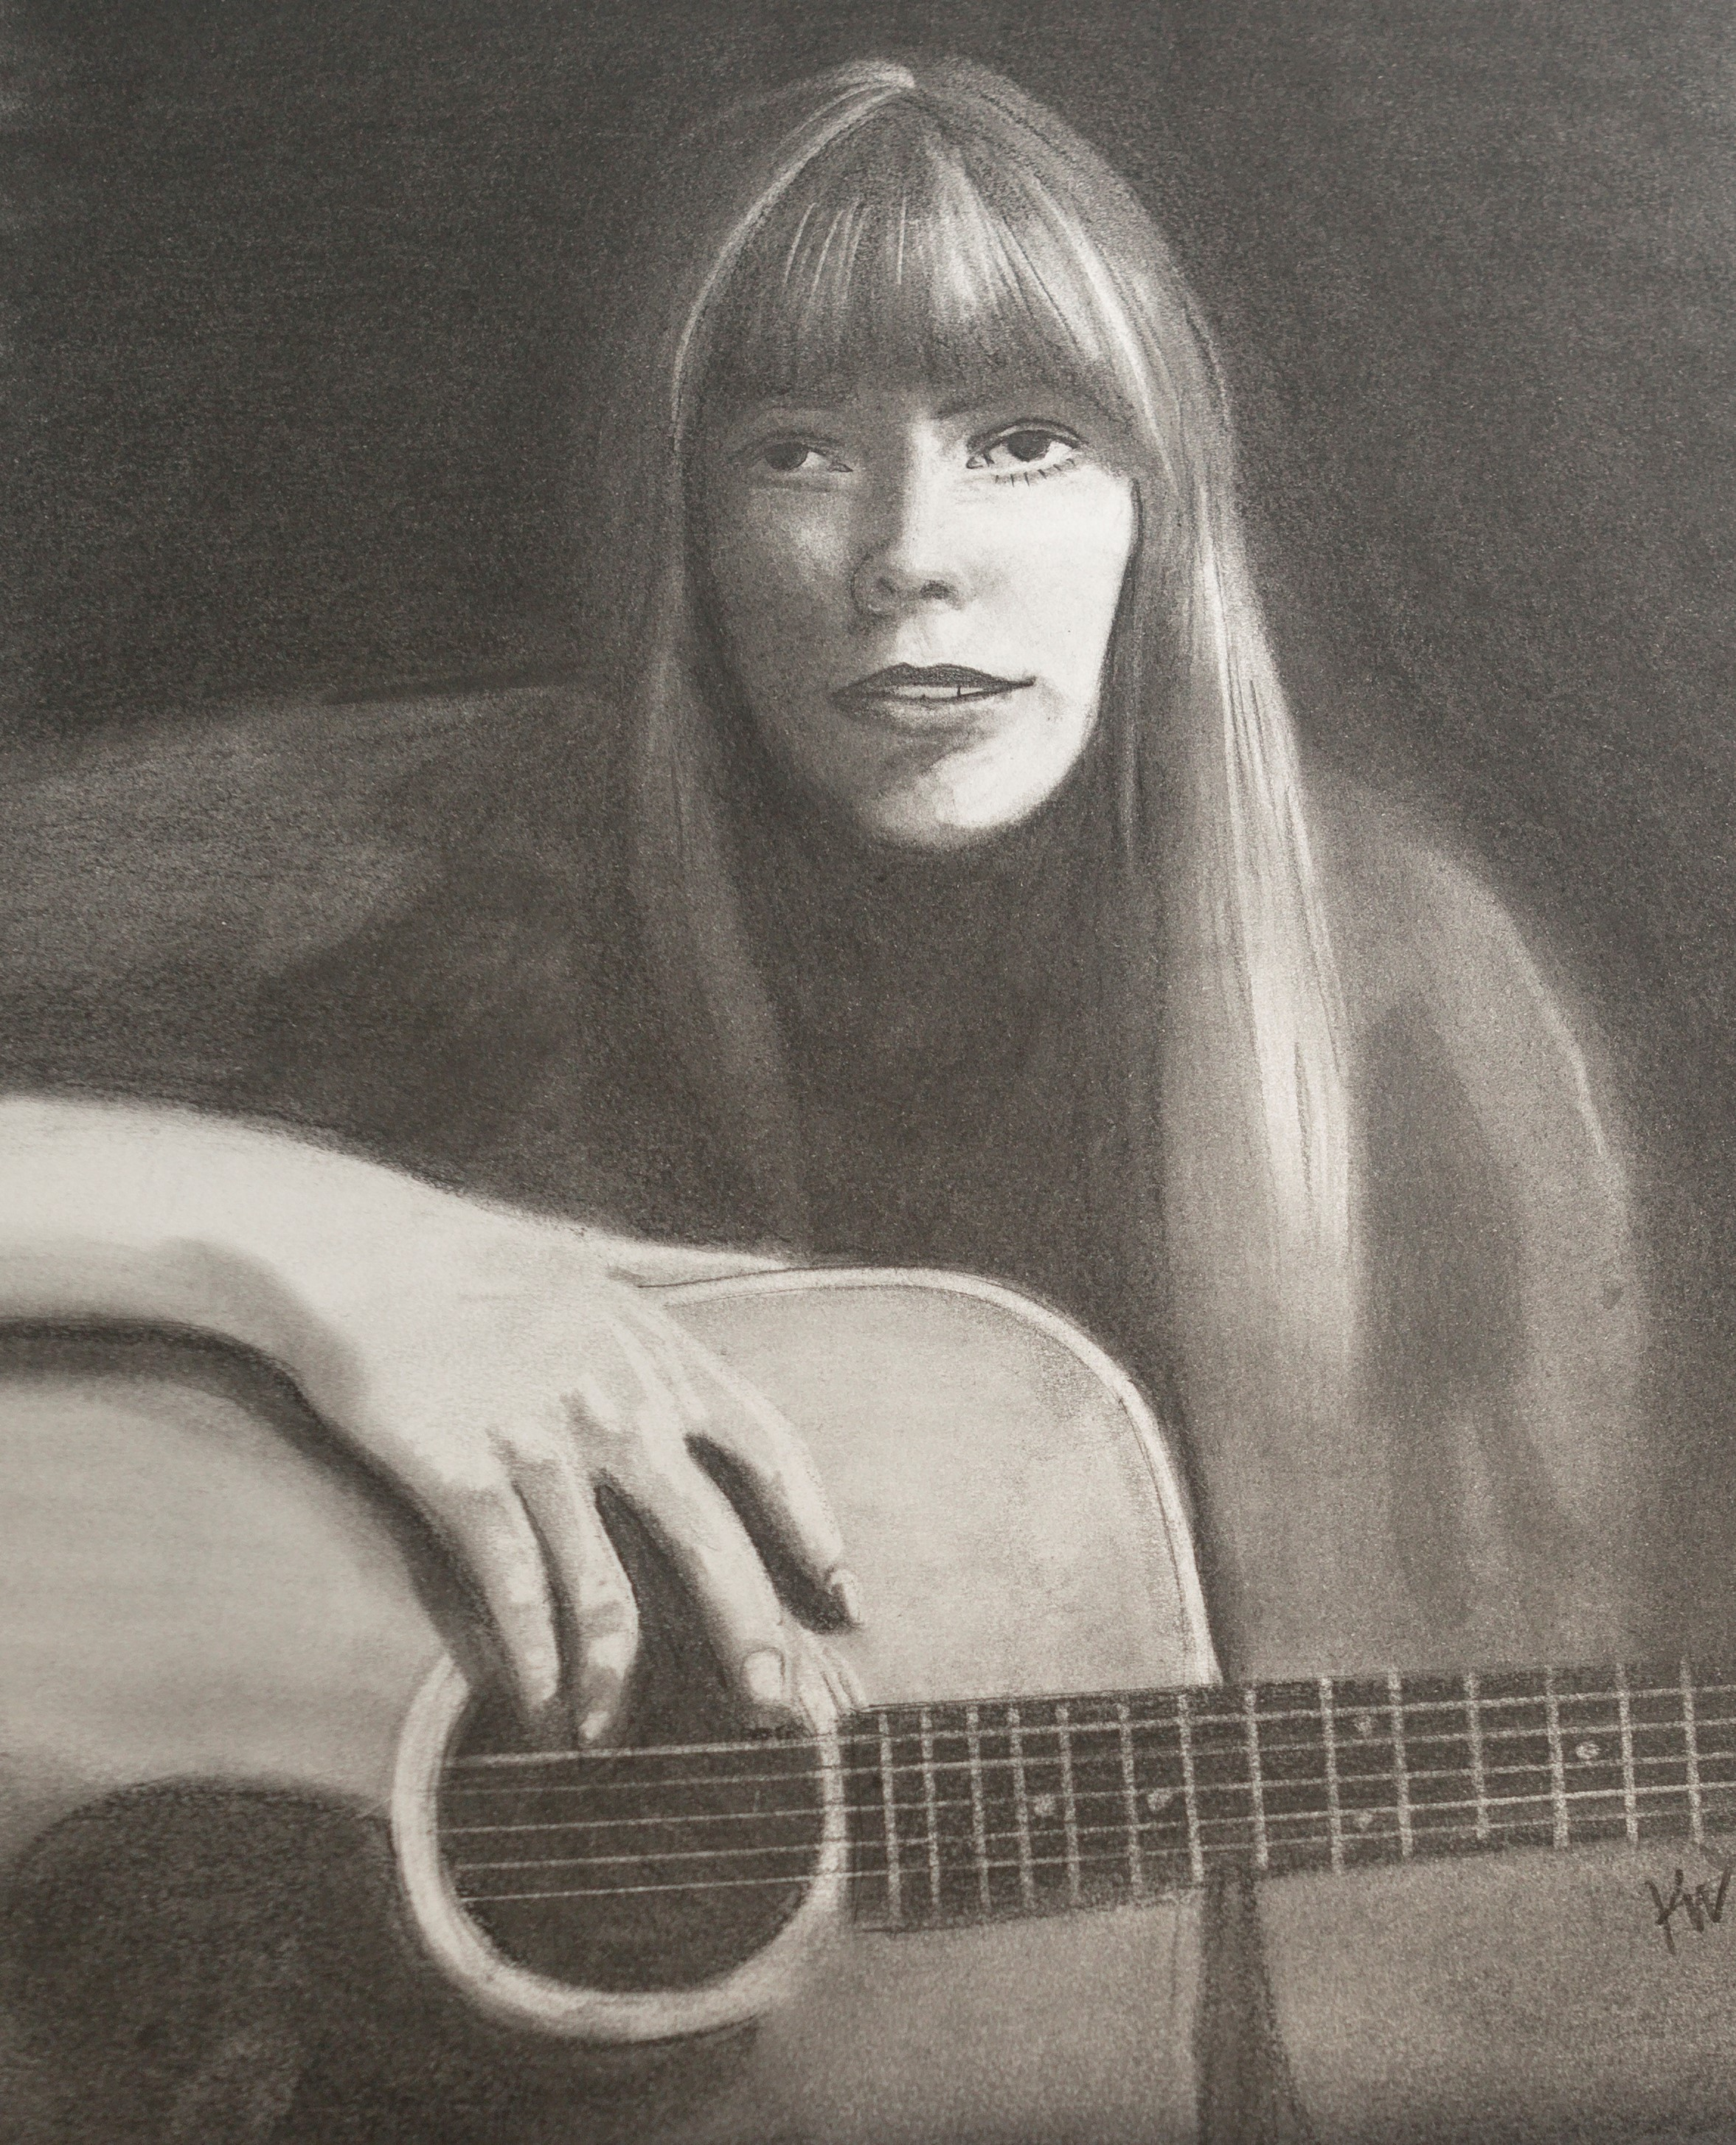 joanie mitchel